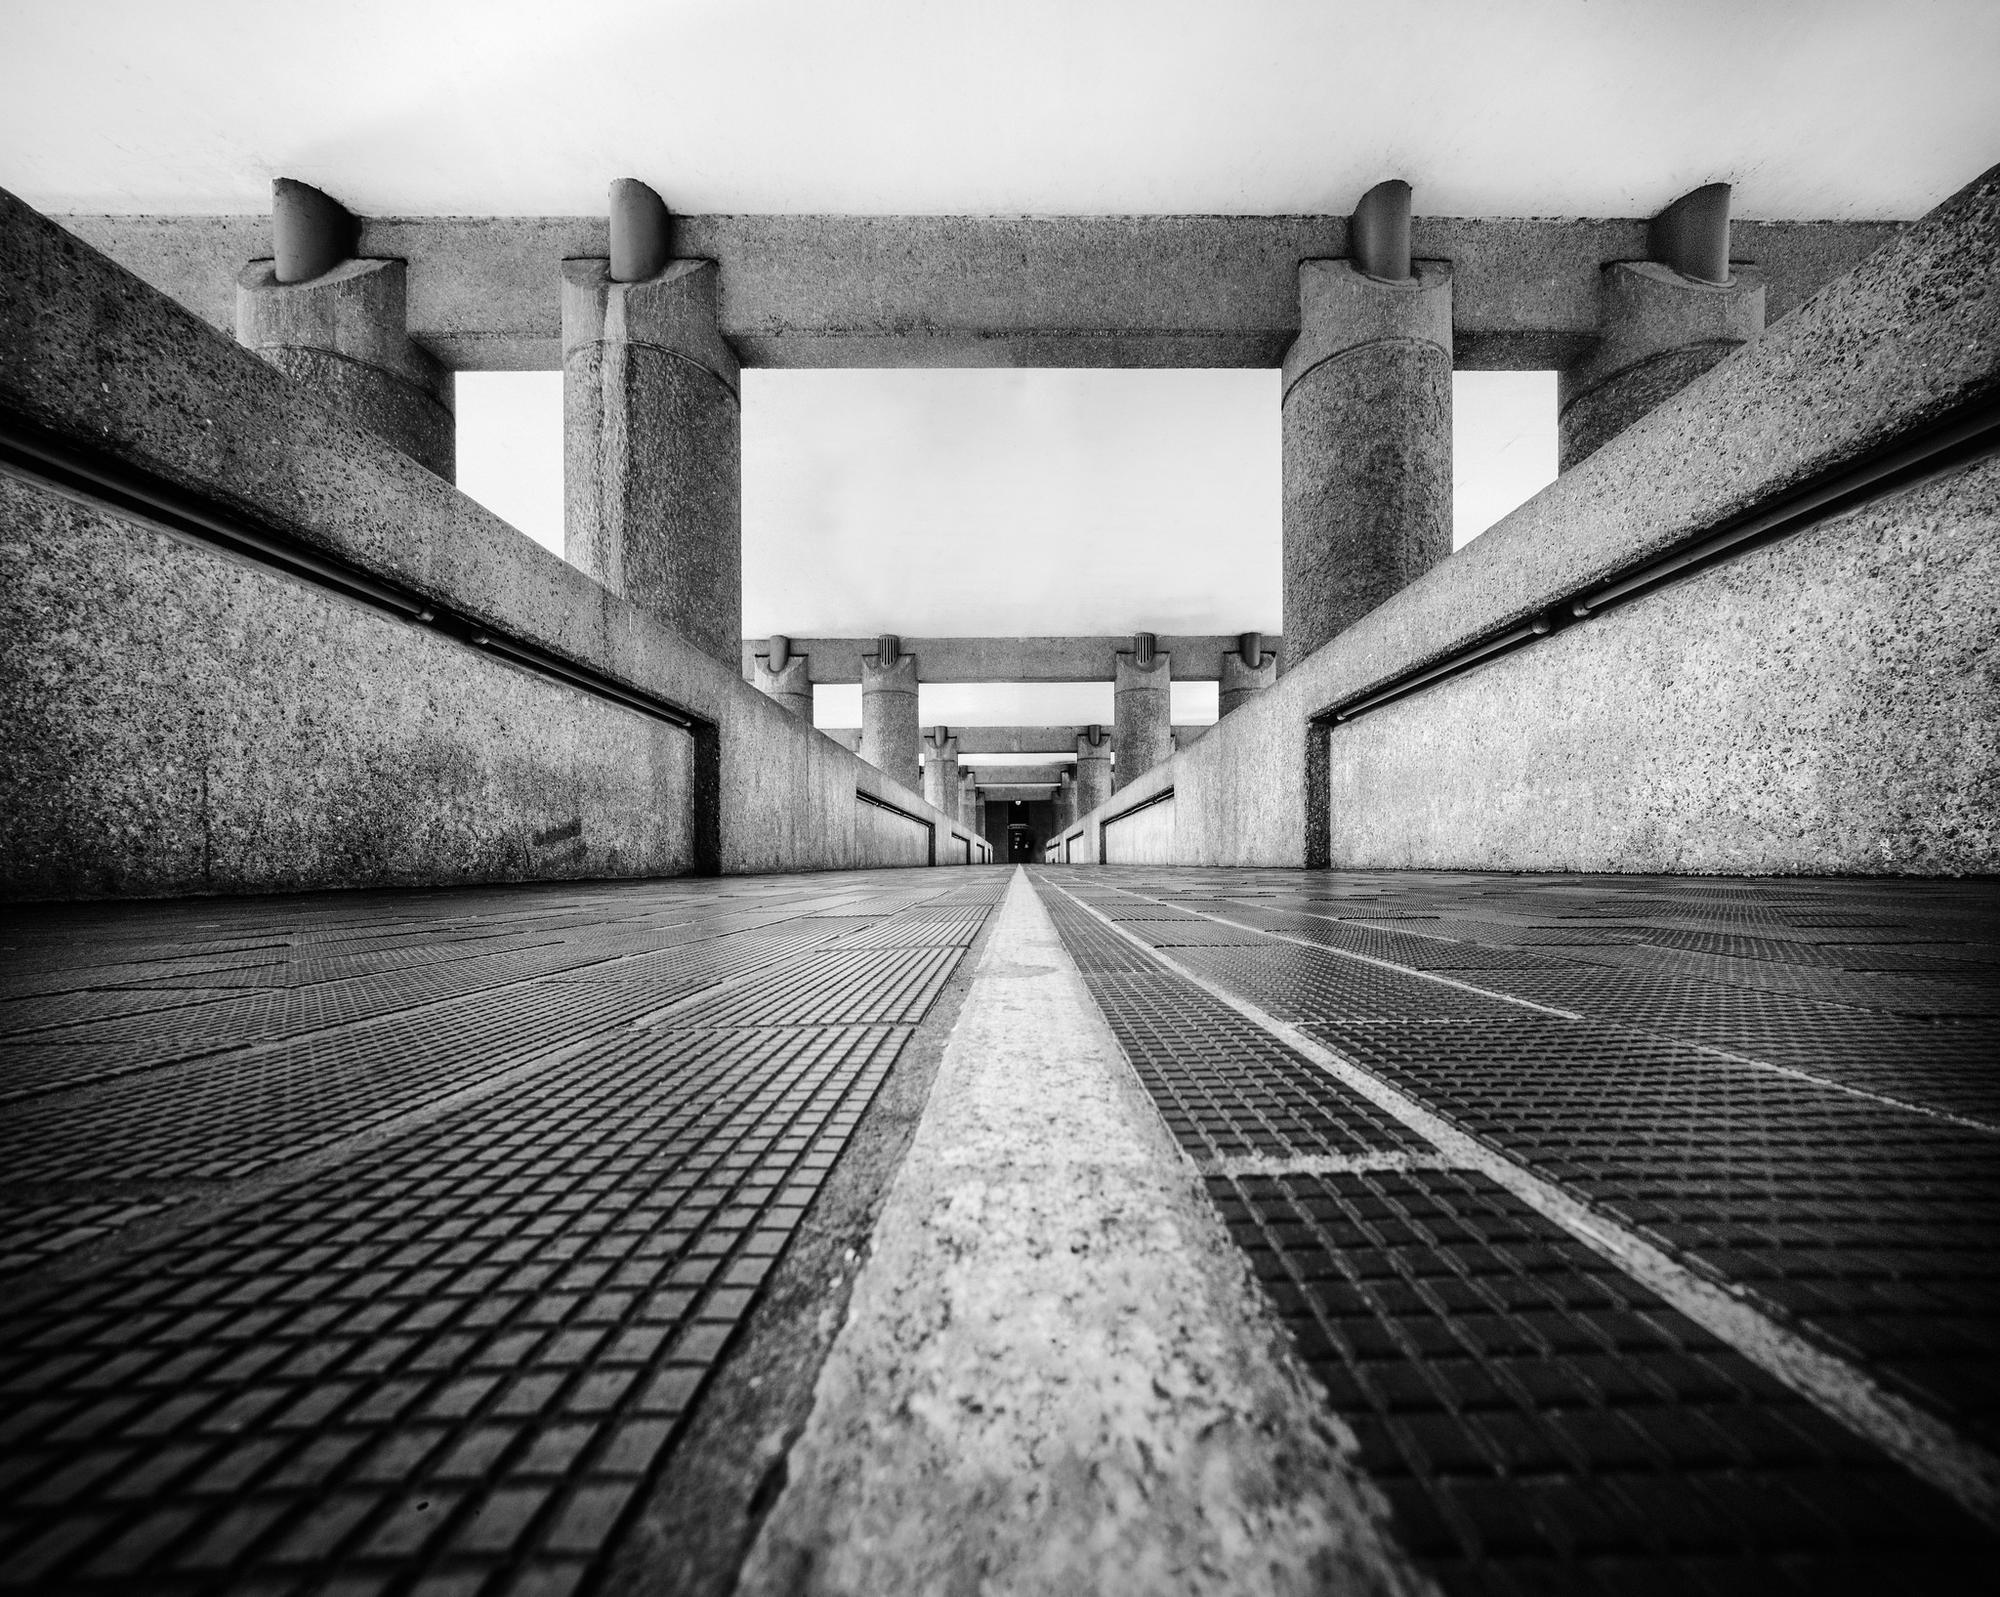 Barbican by Nicholas Triantafyllou